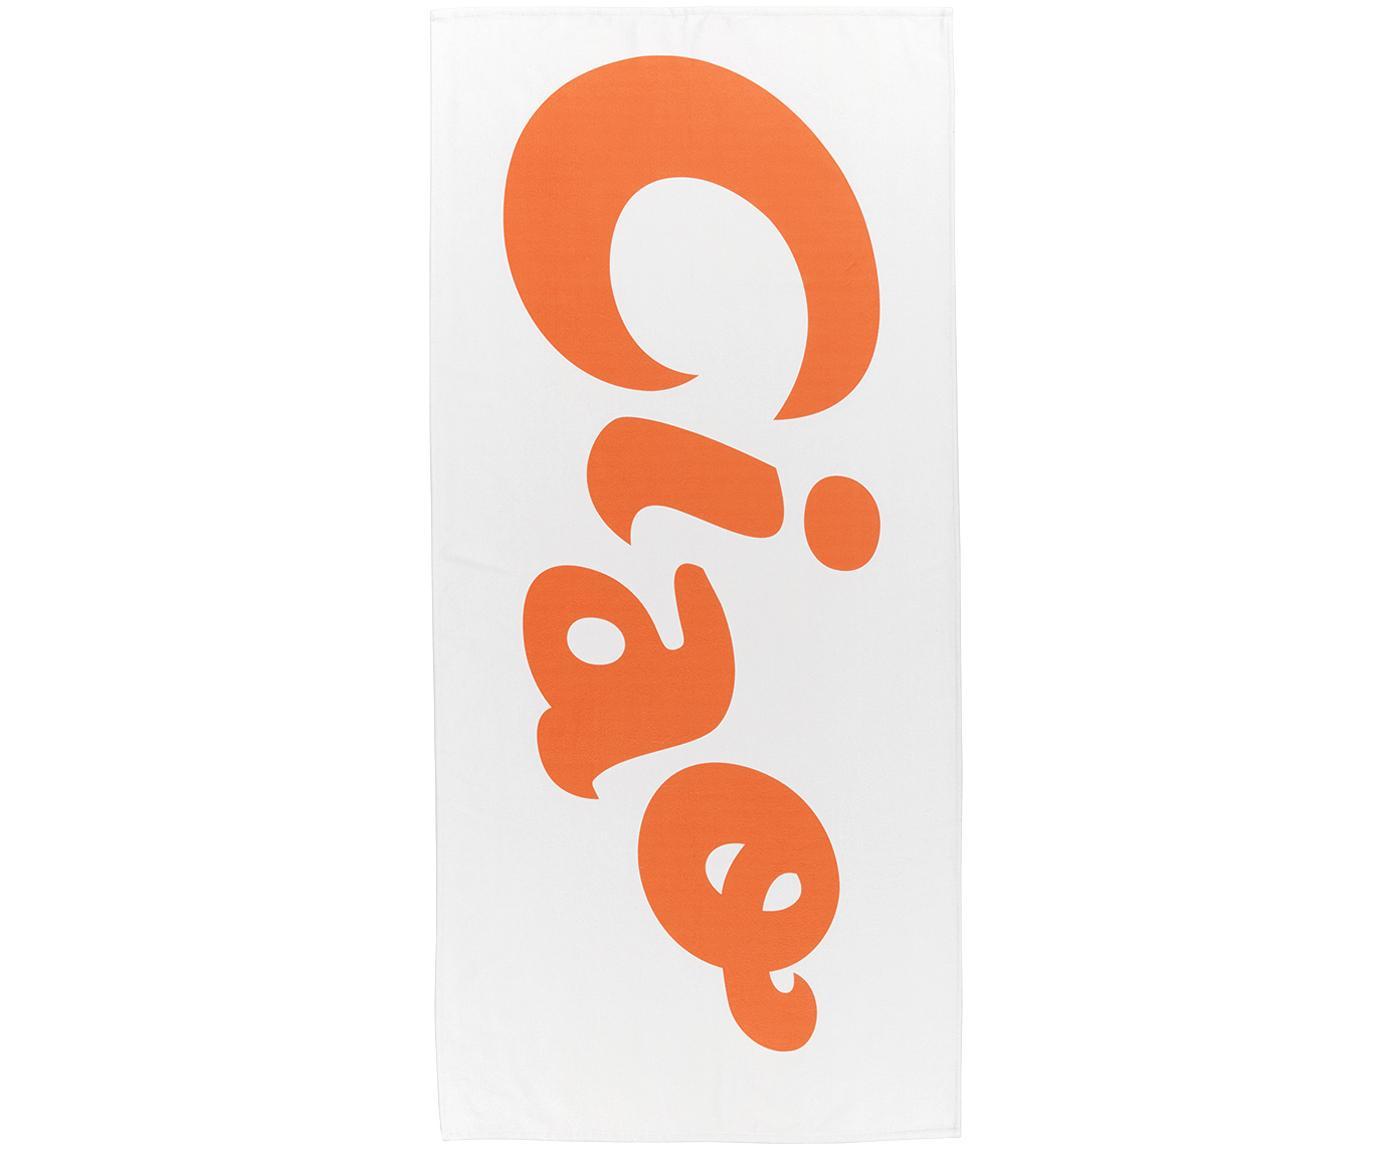 Ręcznik plażowy Ciao, 55% poliester, 45% bawełna Bardzo niska gramatura, 340 g/m², Biały, pomarańczowy, S 70 x D 150 cm